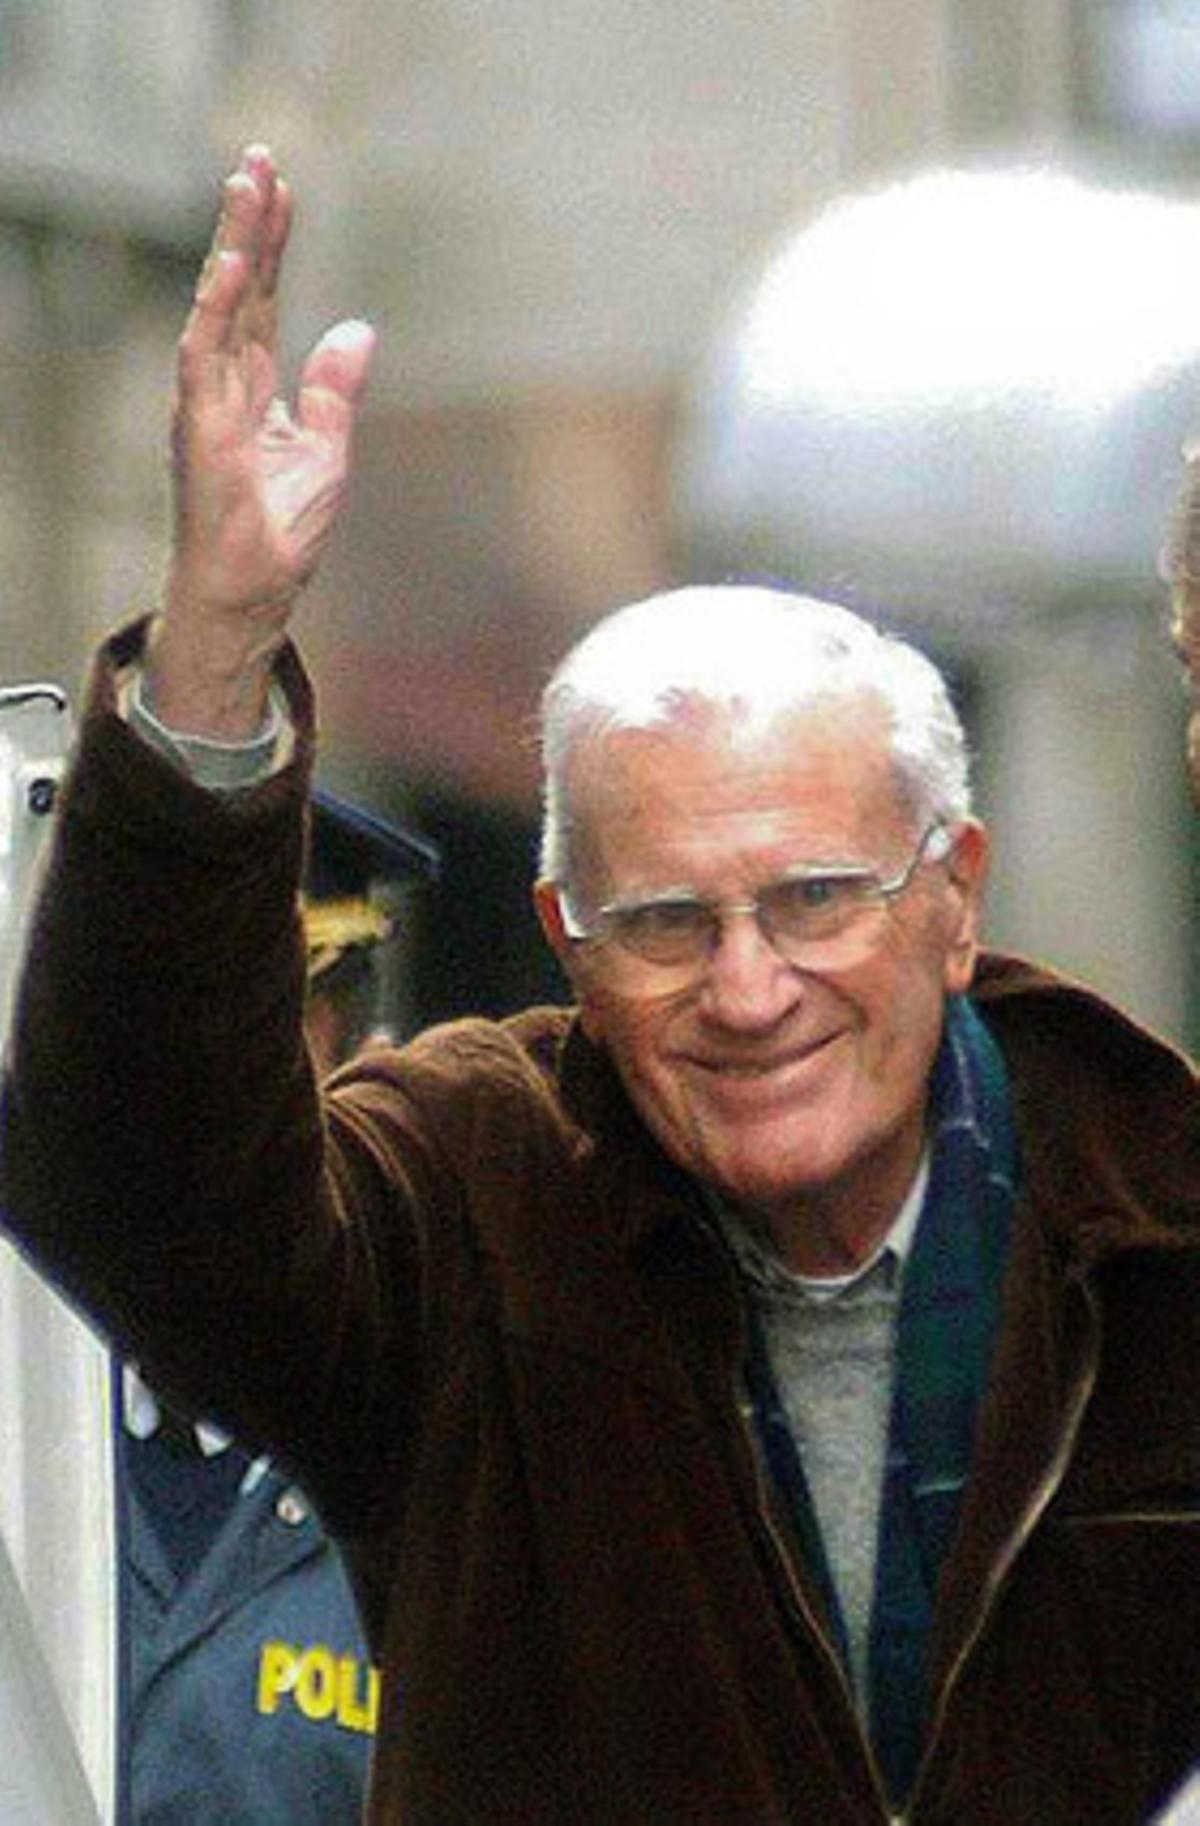 Fallece el ex dictador uruguayo a los 83 años en su domicilio de Montevideo.